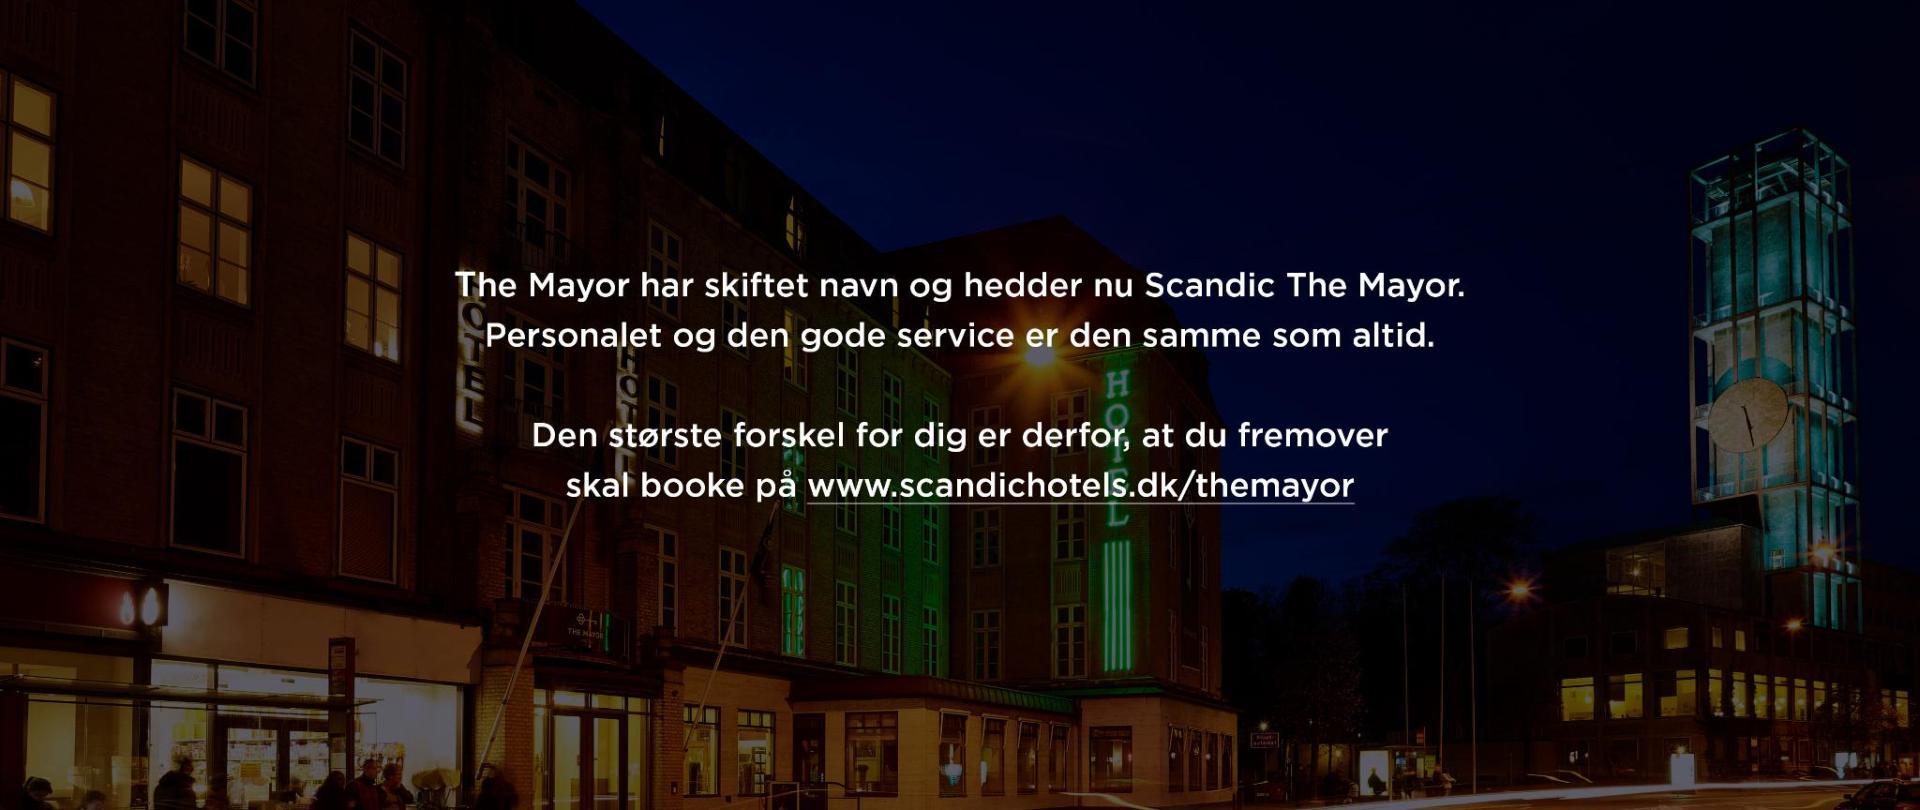 Toppic_Scandic_TheMayor_02.jpg